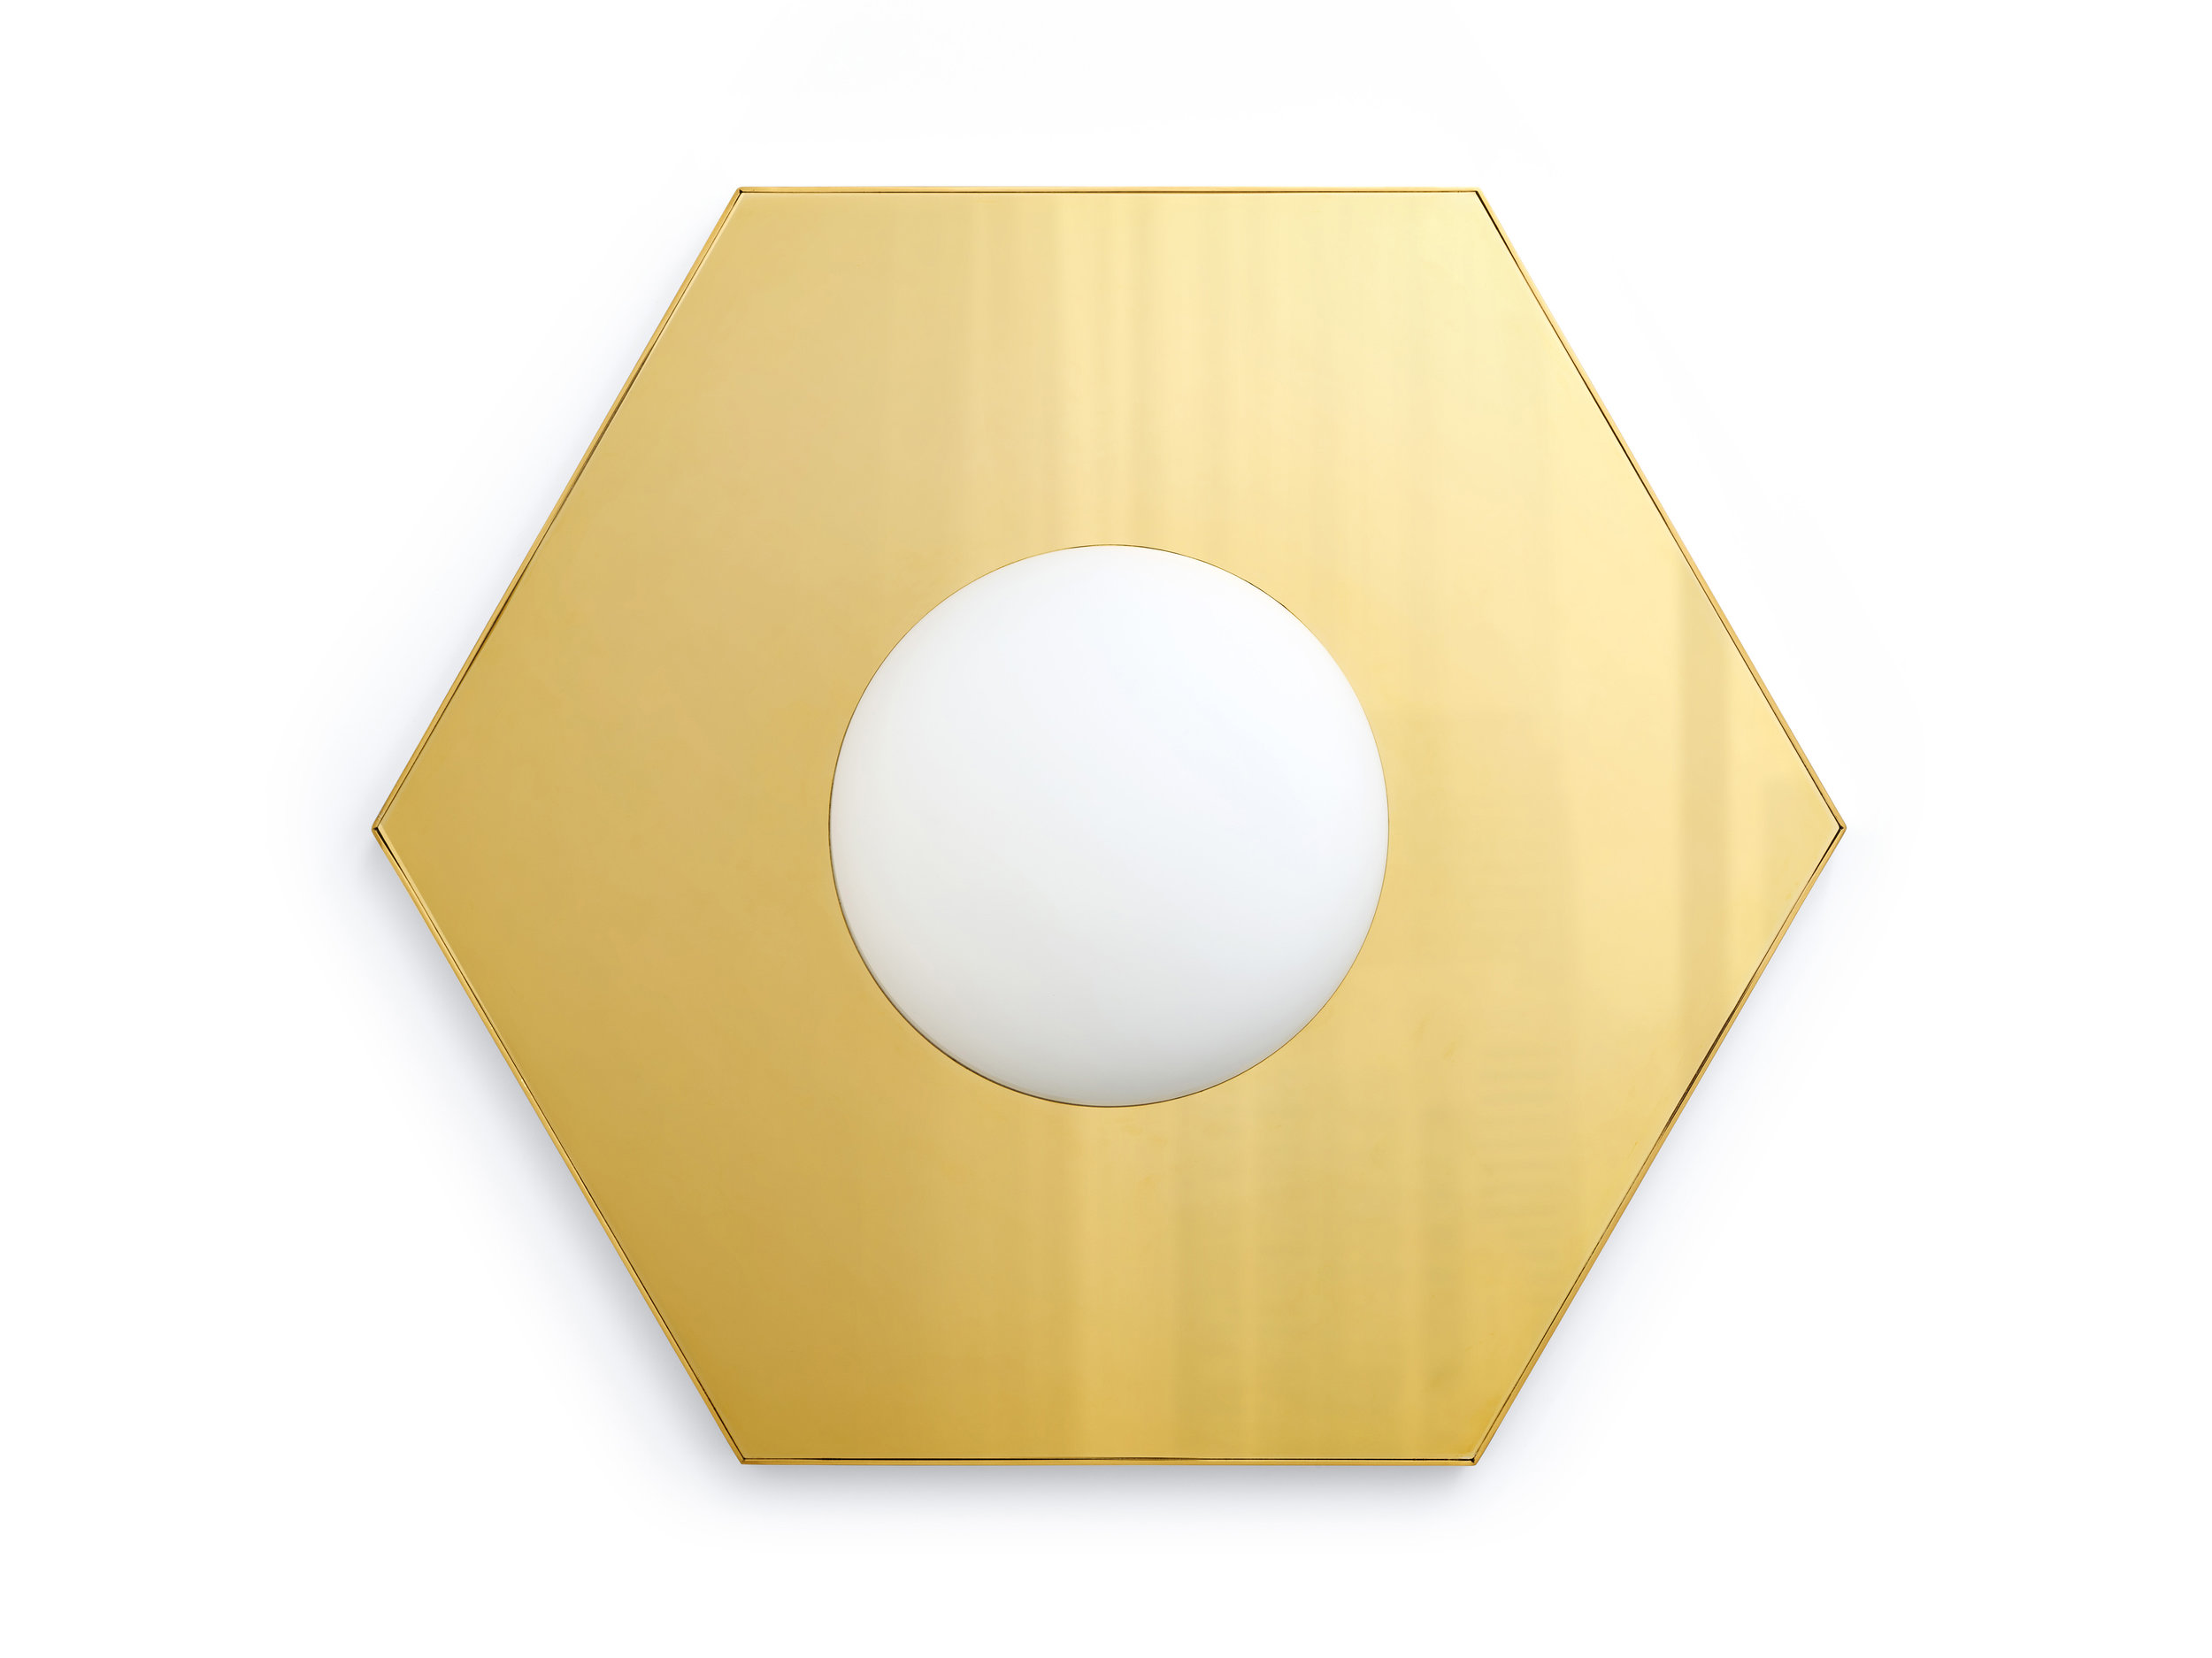 LI-020 Holo light wall - hexagon - gold.jpg